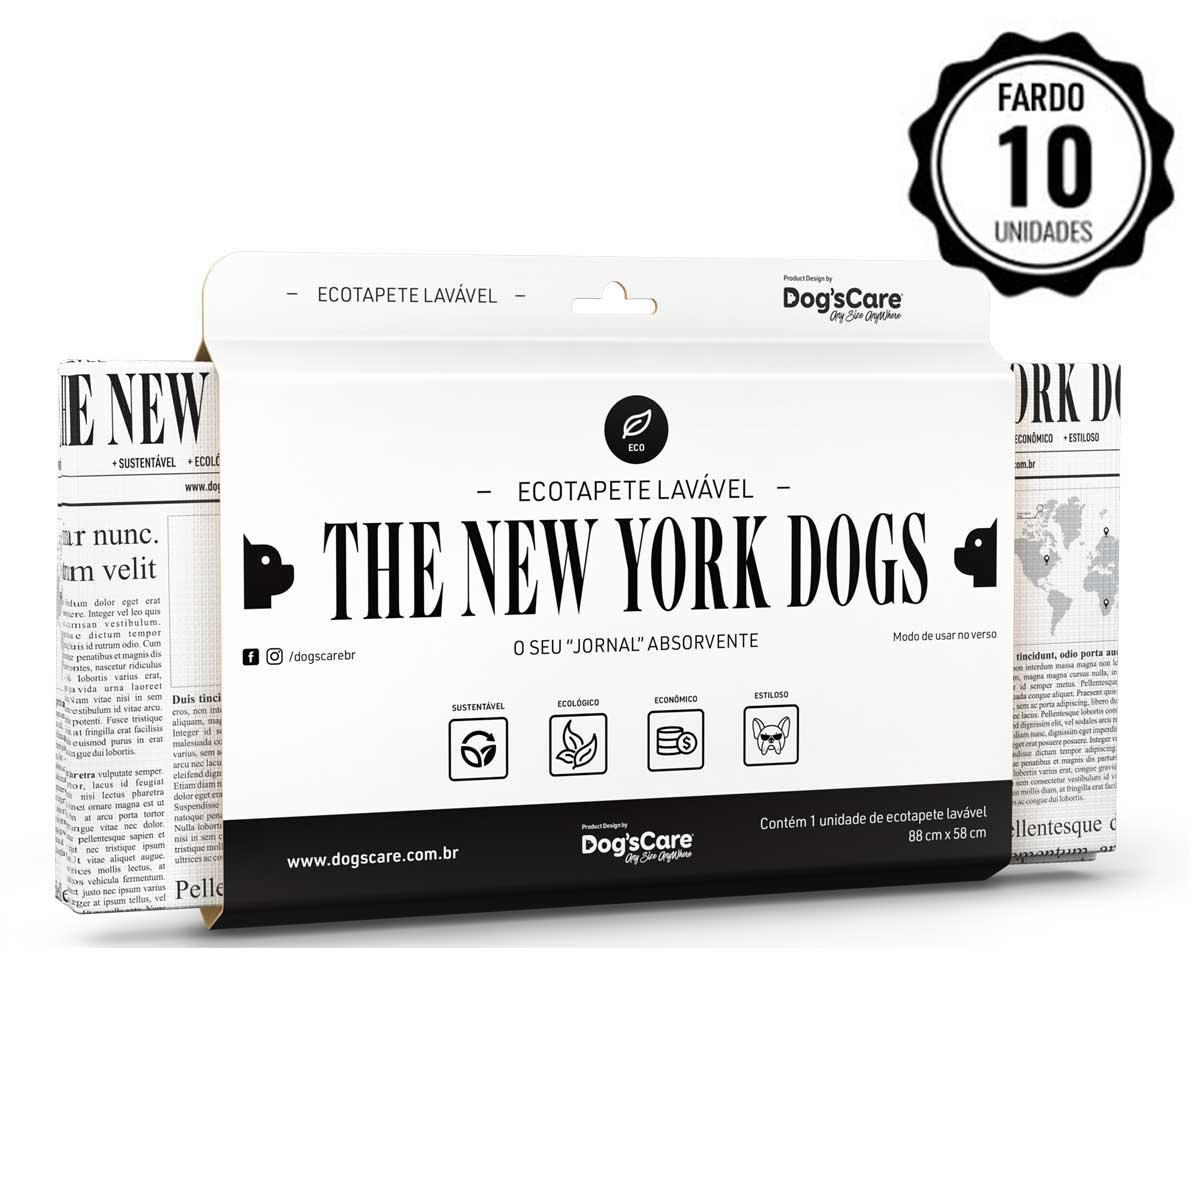 FARDO COM 10 UNIDADES ECO TAPETE HIGIÊNICO LAVÁVEL THE NEW YORK DOGS